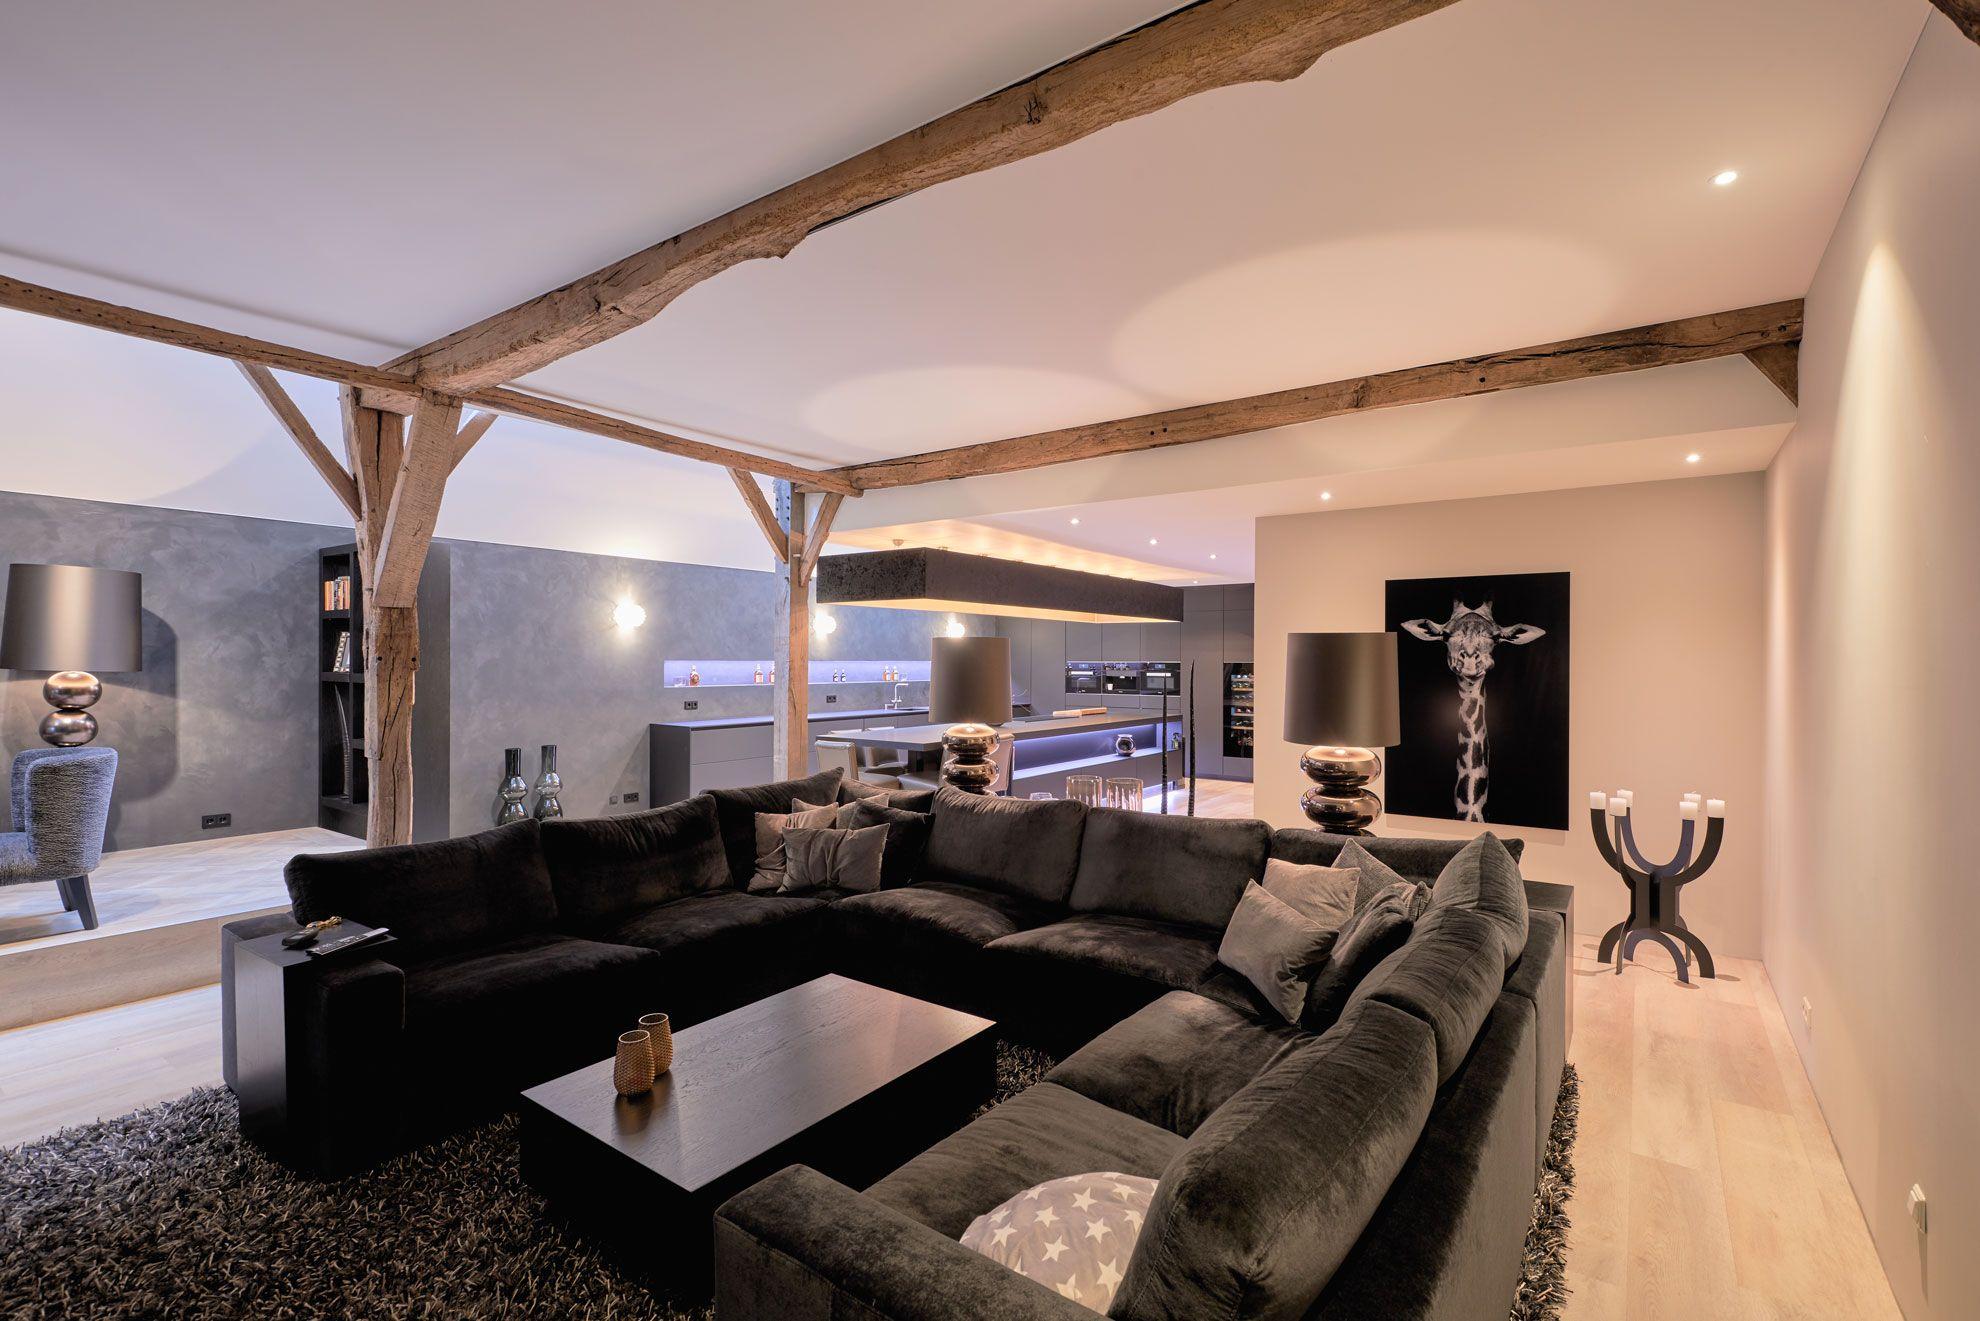 Wohnzimmer Decke mit Holz | Wohnzimmer decke, Wohnzimmer, Haus